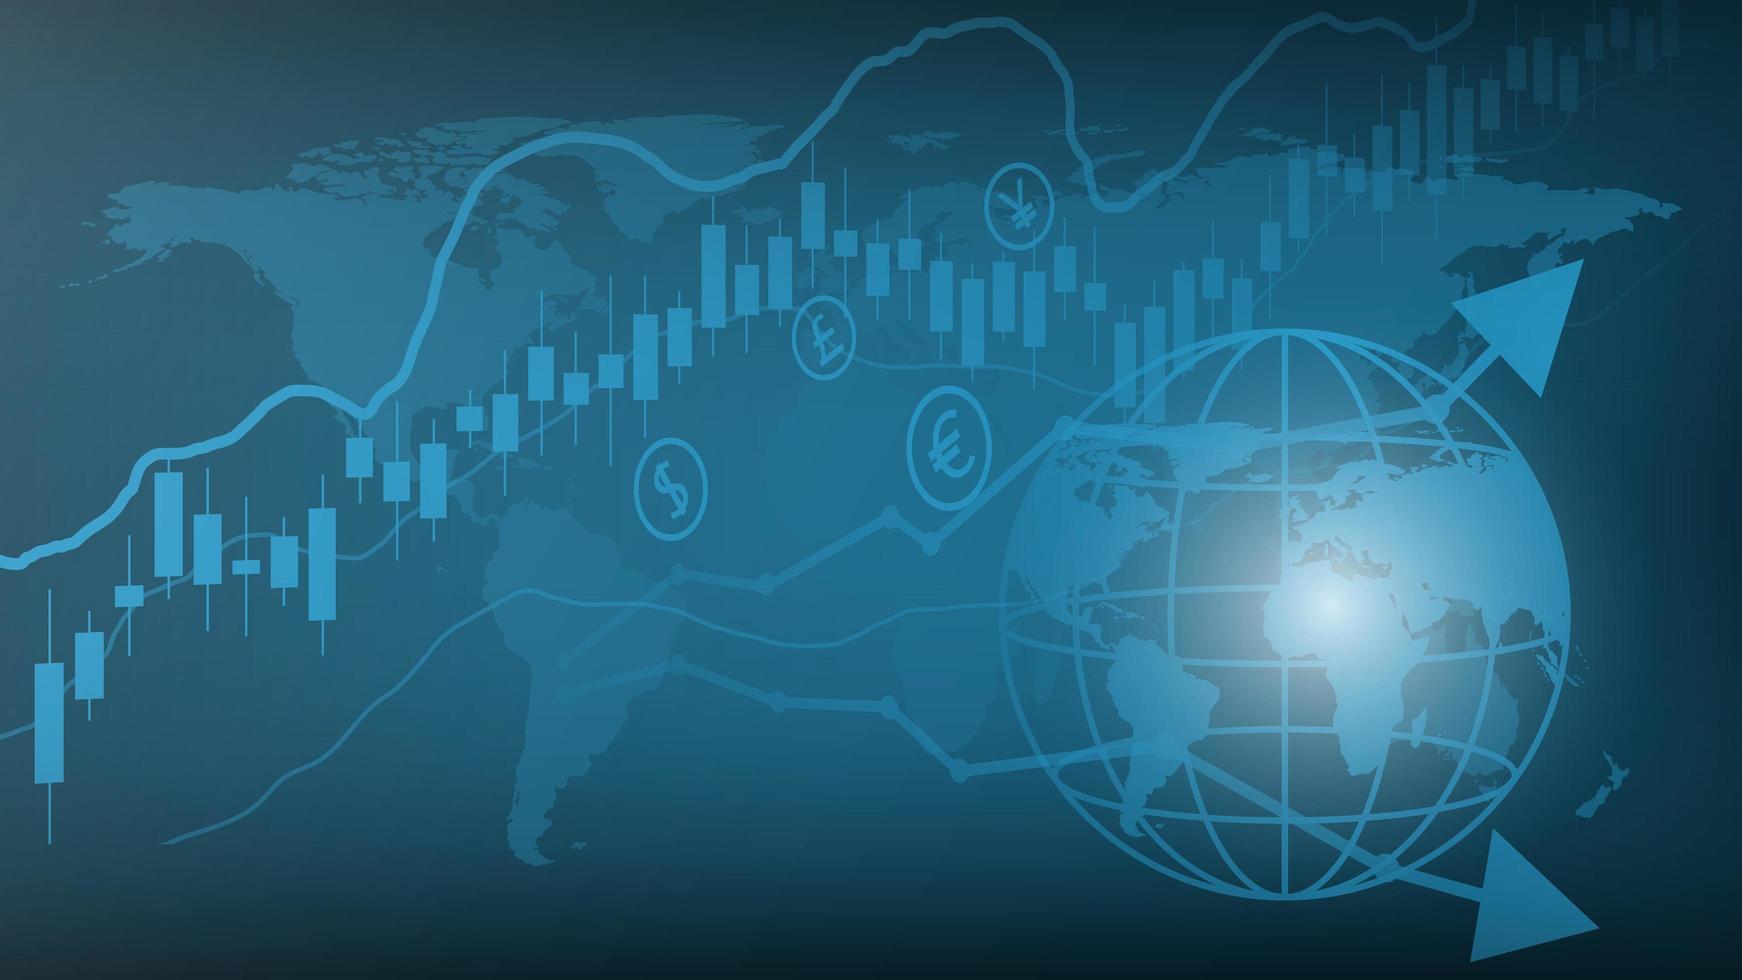 fondo de gráfico de gráfico de negocio financiero comercial vector